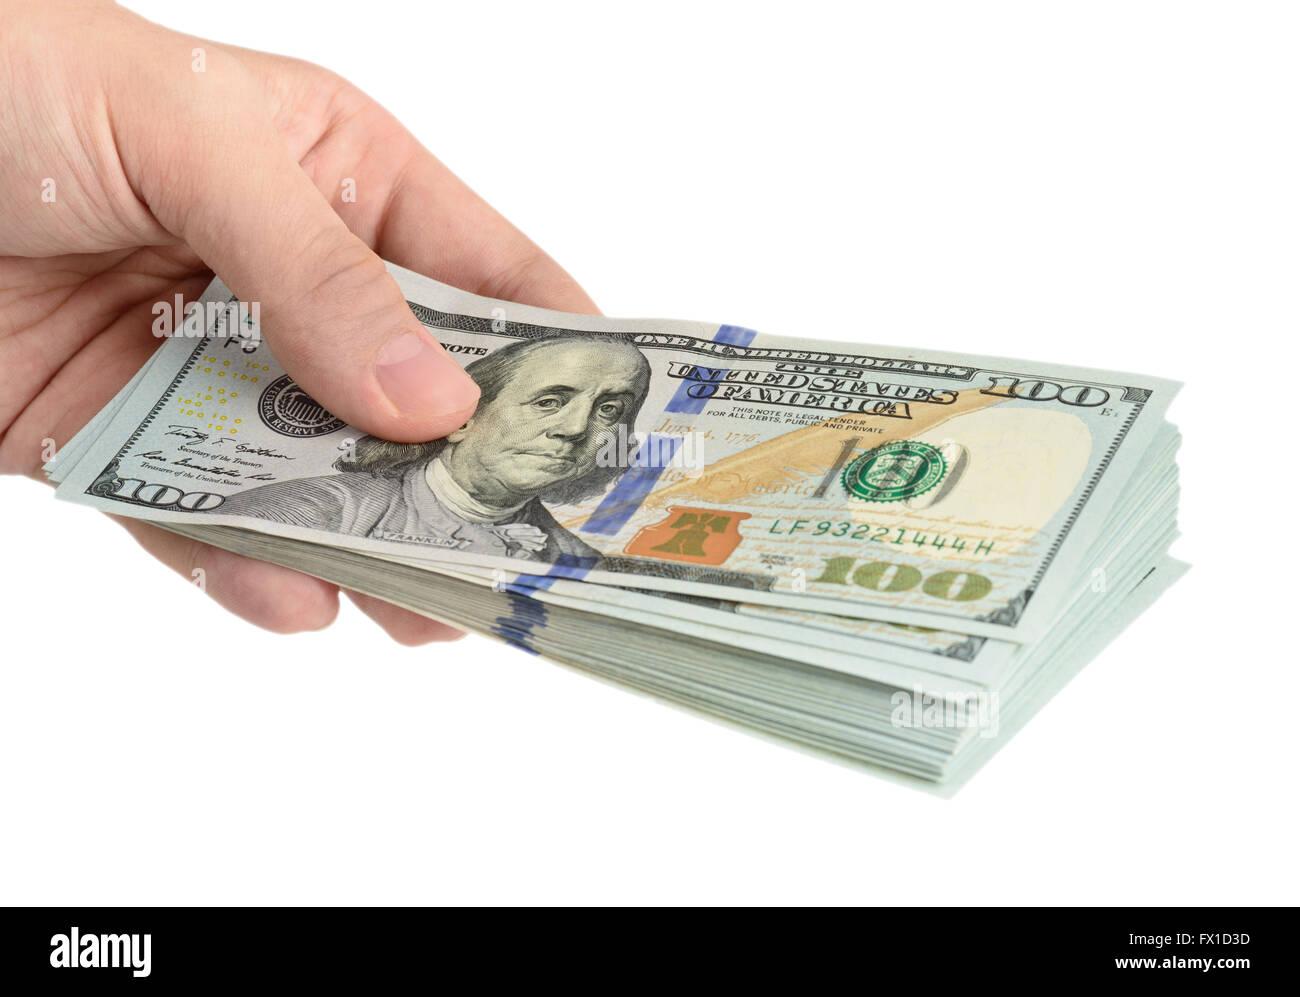 Mano con dólares aislado sobre fondo blanco. Imagen De Stock